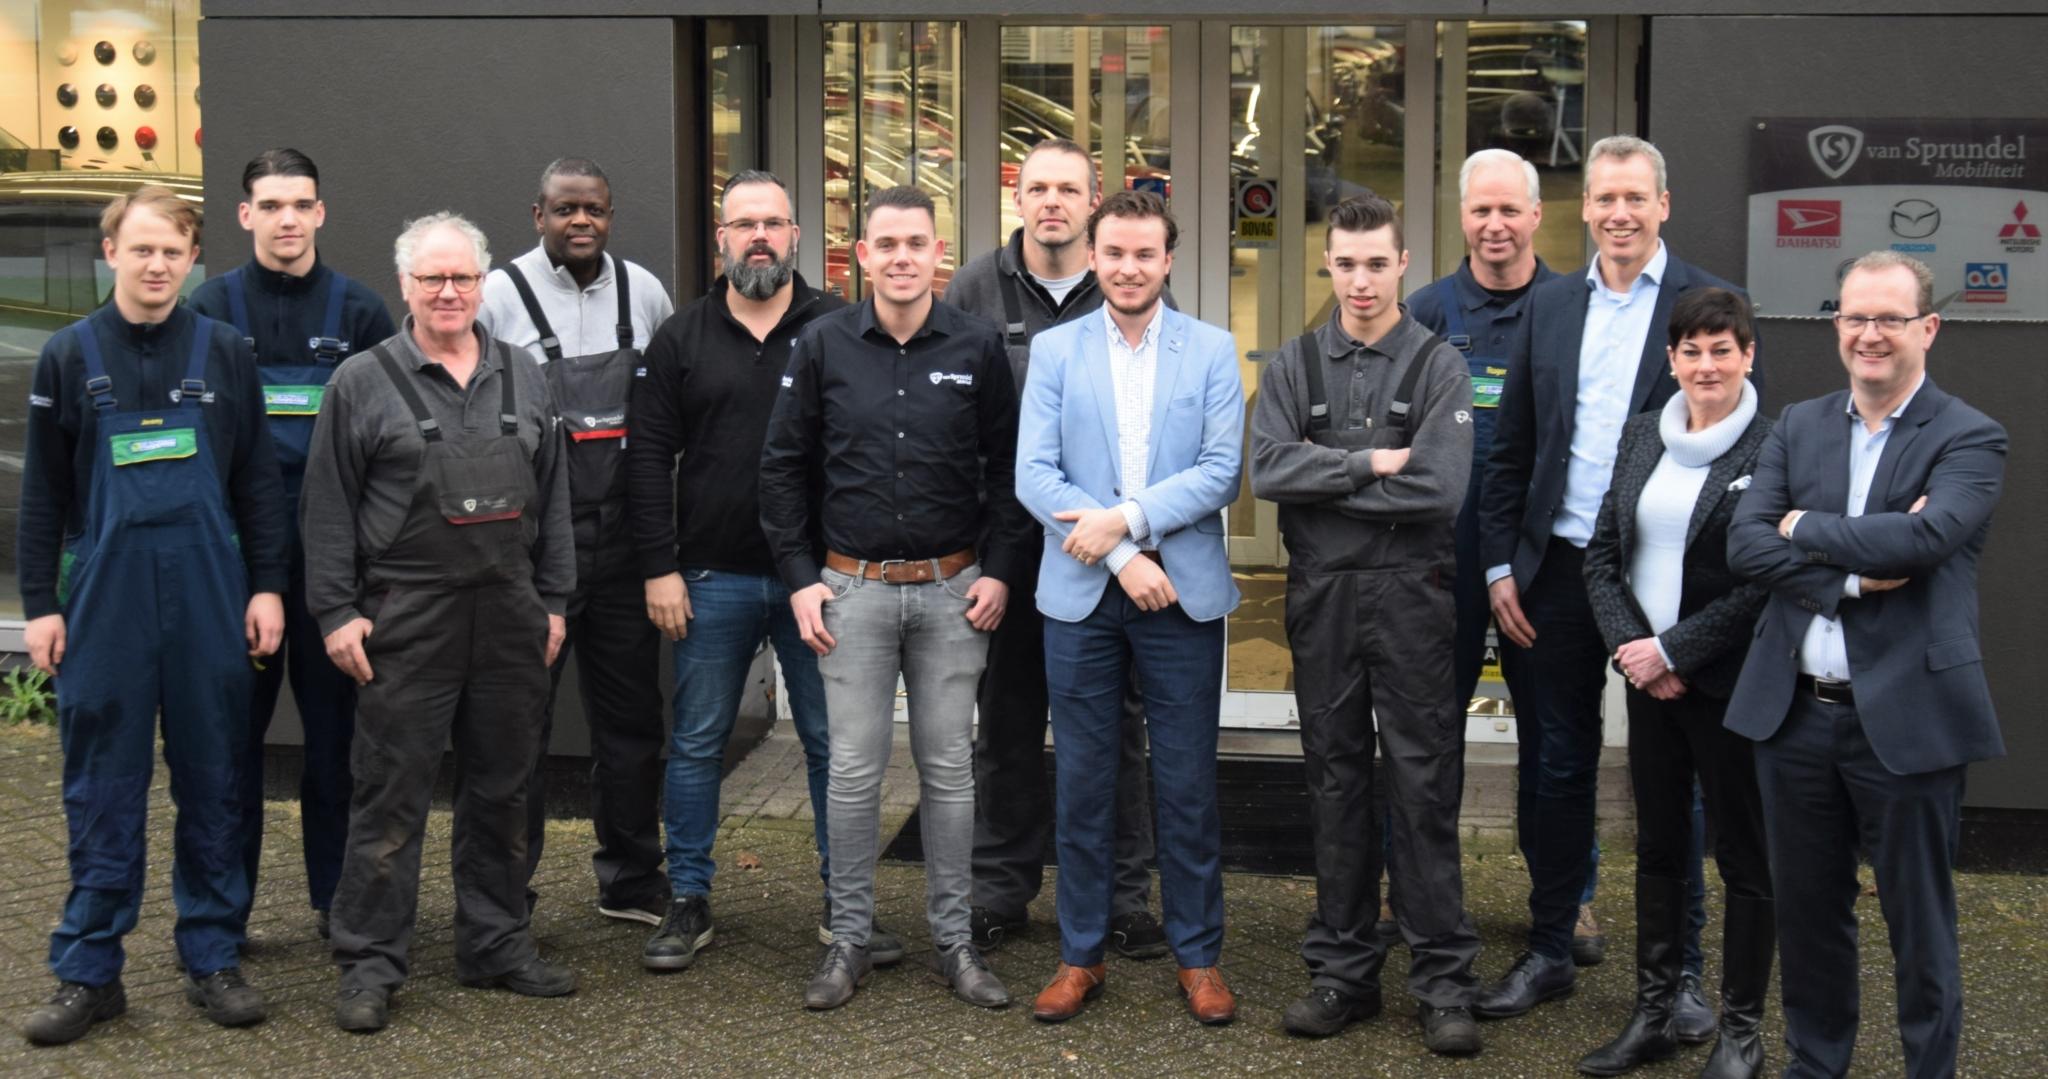 team van Sprundel Roosendaal buiten